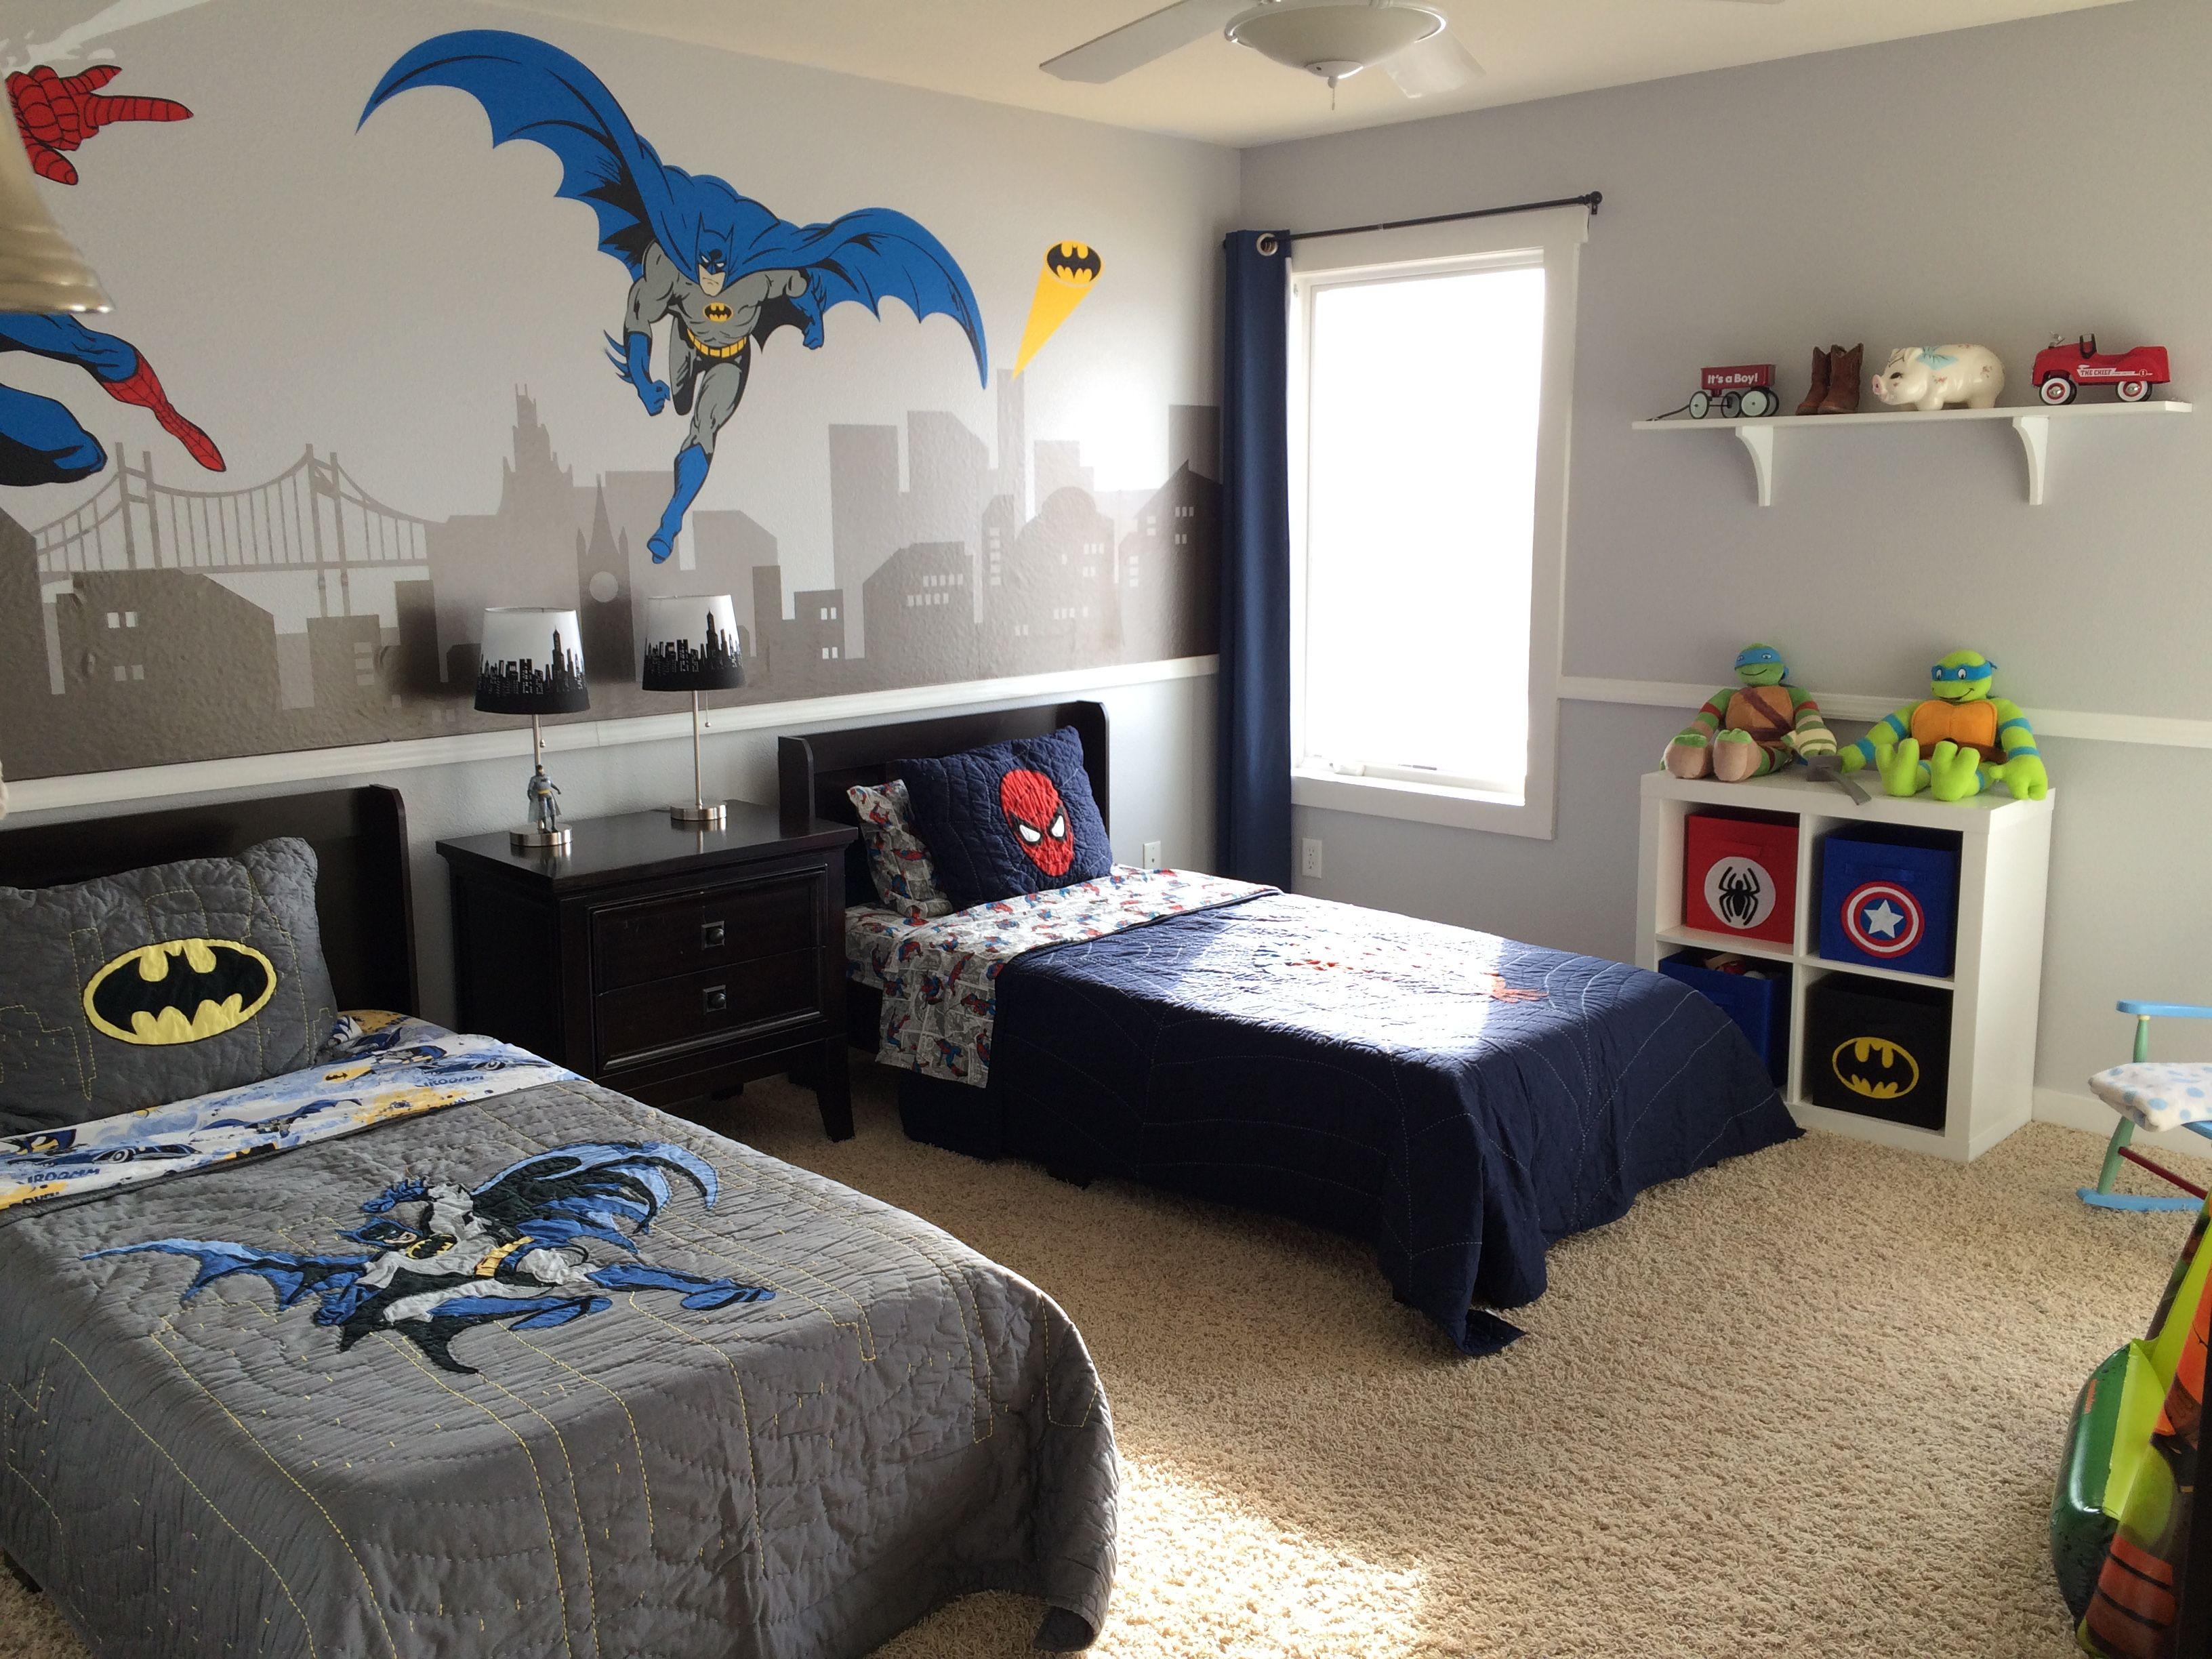 Diy Spiderman Bedroom Decor Novocom Top